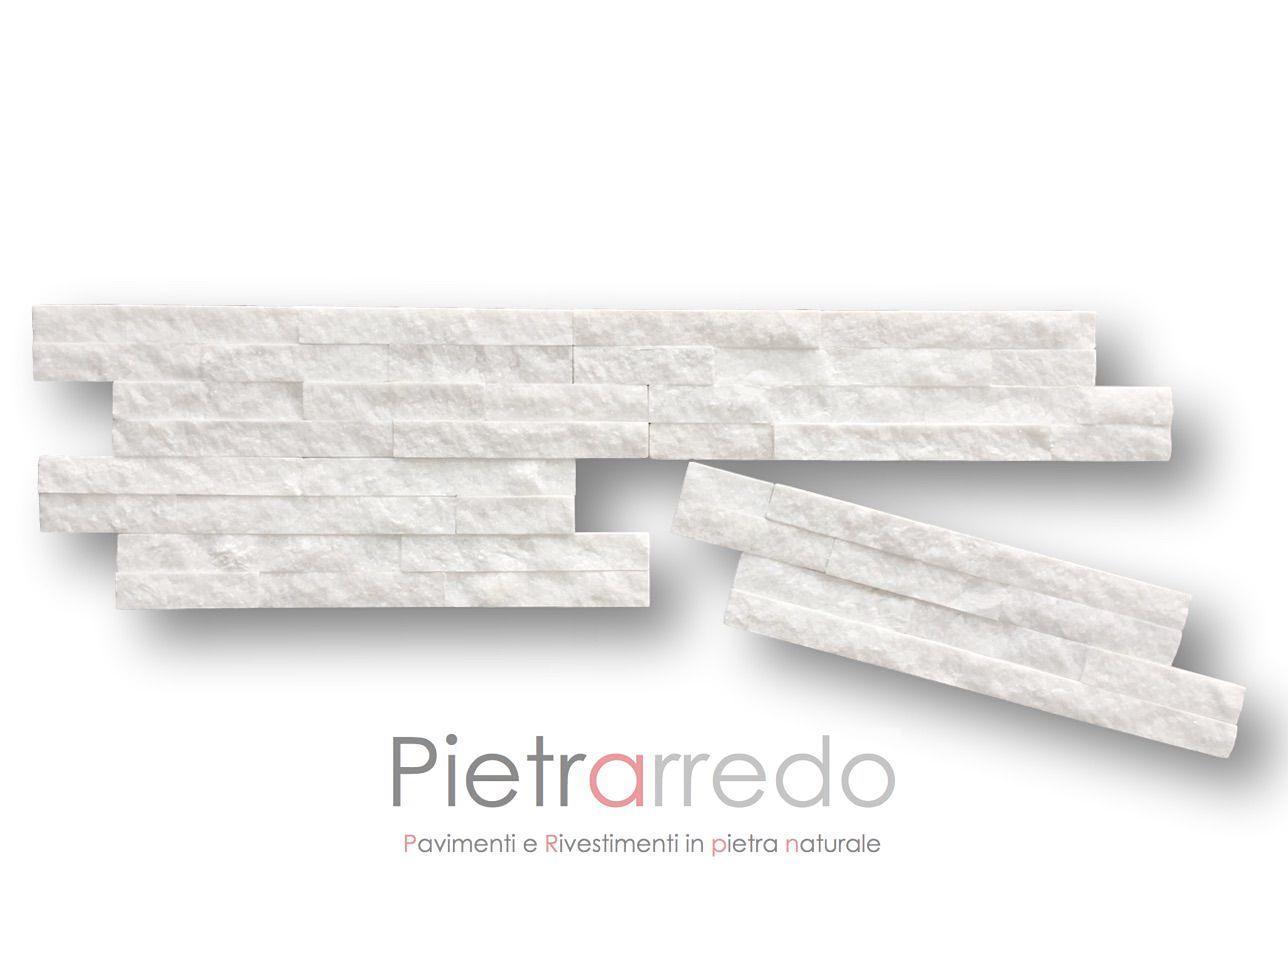 Prezzo porfido mq gallery of sabbiatura legno prezzo mq for Porfido prezzi bricoman